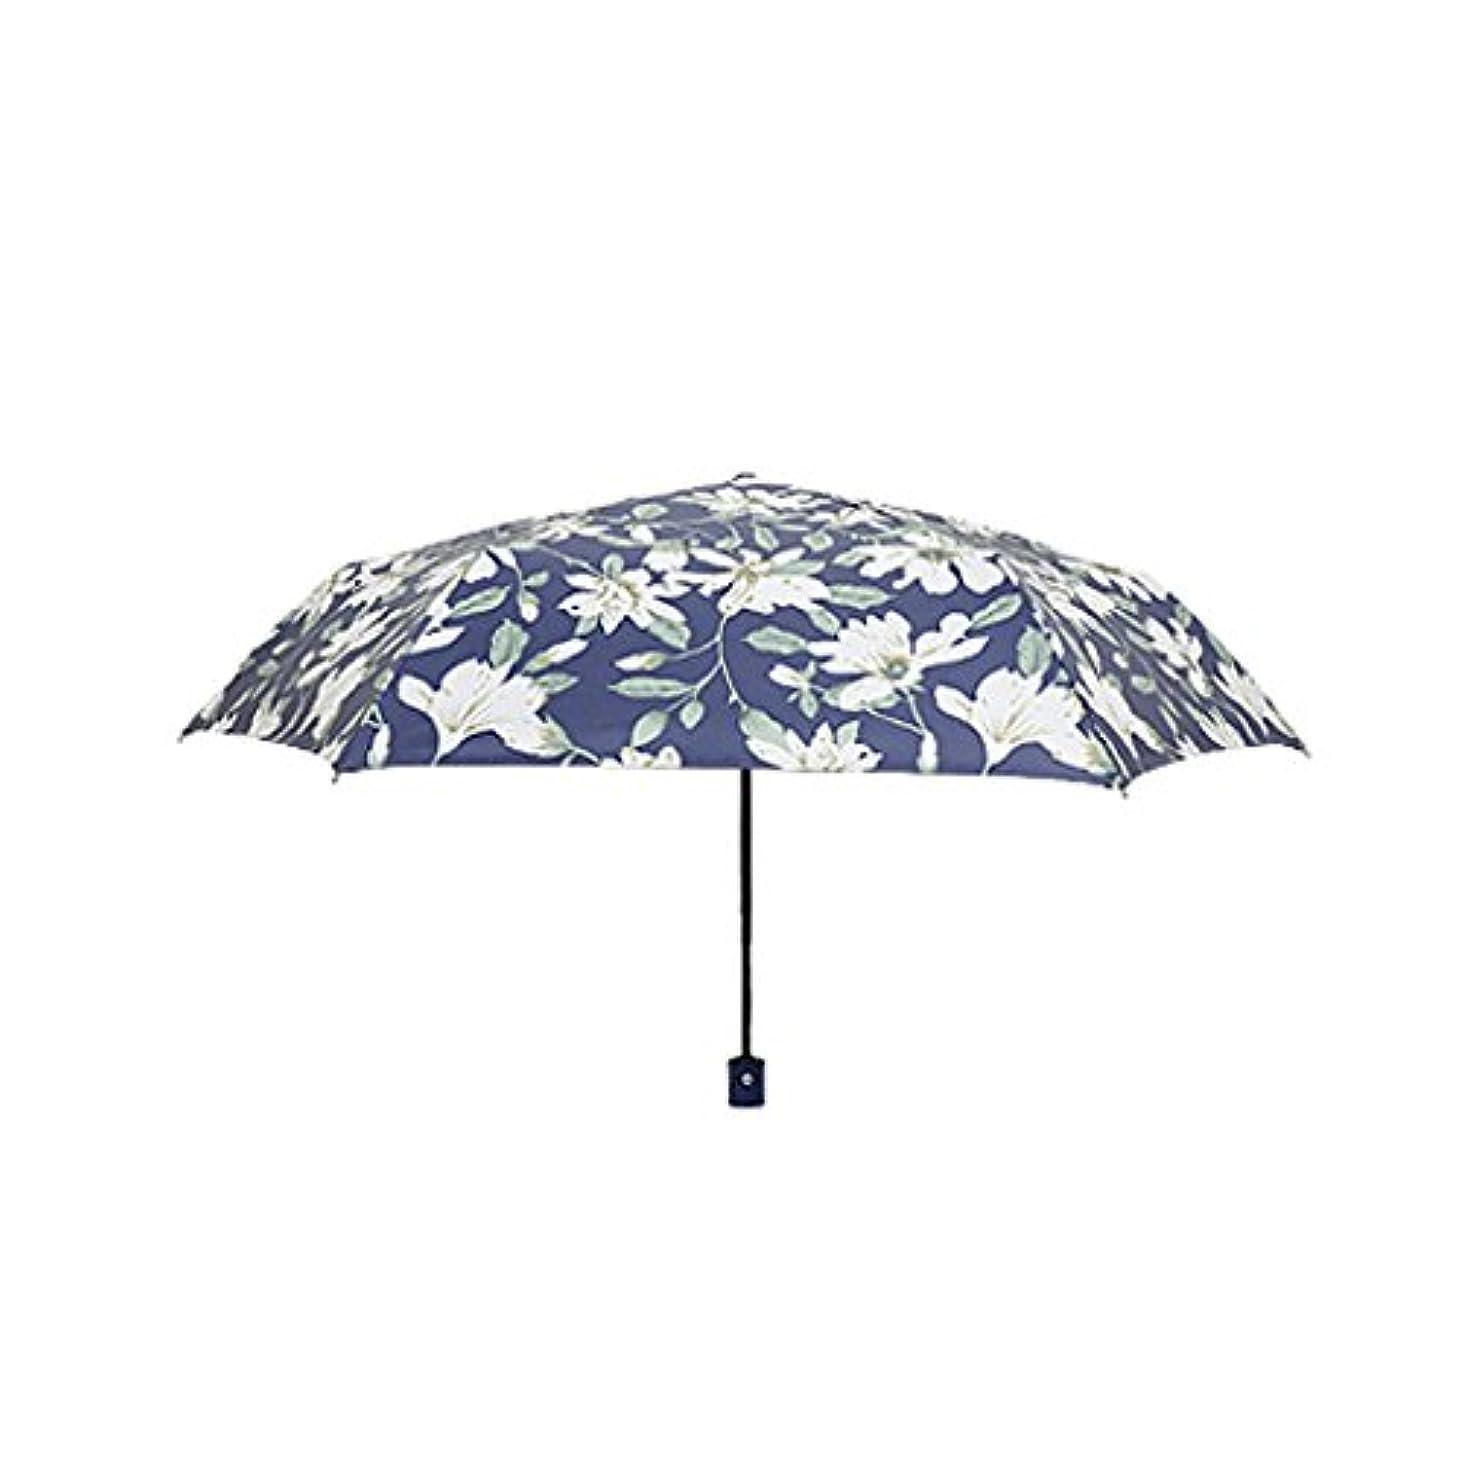 ひどい考古学的な熱帯の旅行用傘 コンパクト旅行傘 - パラソル日傘ポータブル折りたたみ傘サンシェード抗紫外線高速乾燥防風旅行傘 - 自動開閉ボタン UVカット